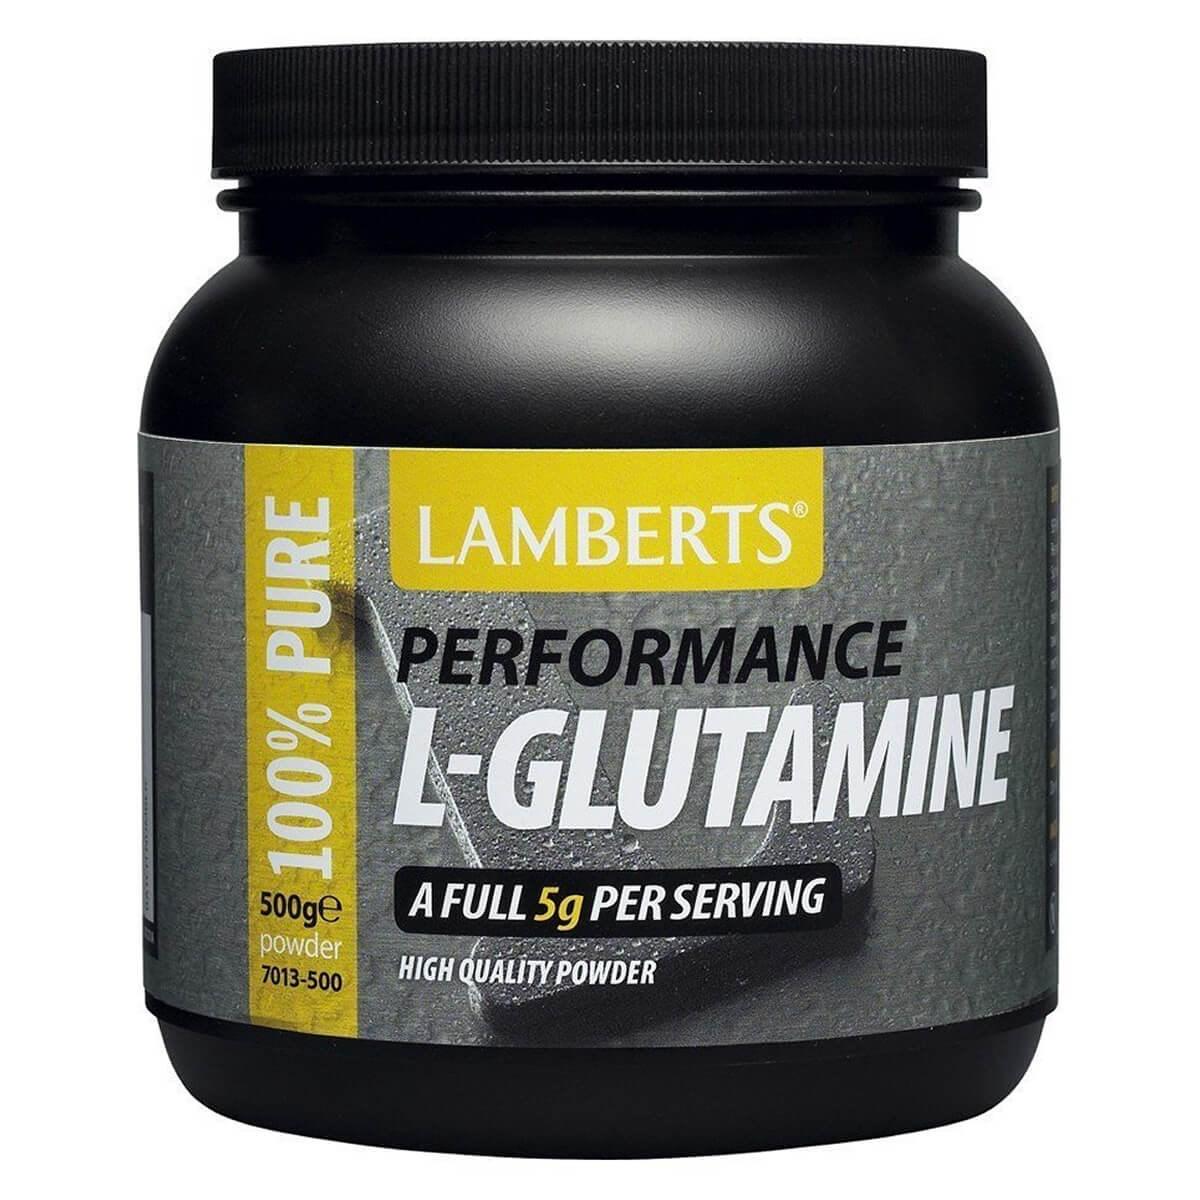 Lamberts Performance L-Glutamine Powder